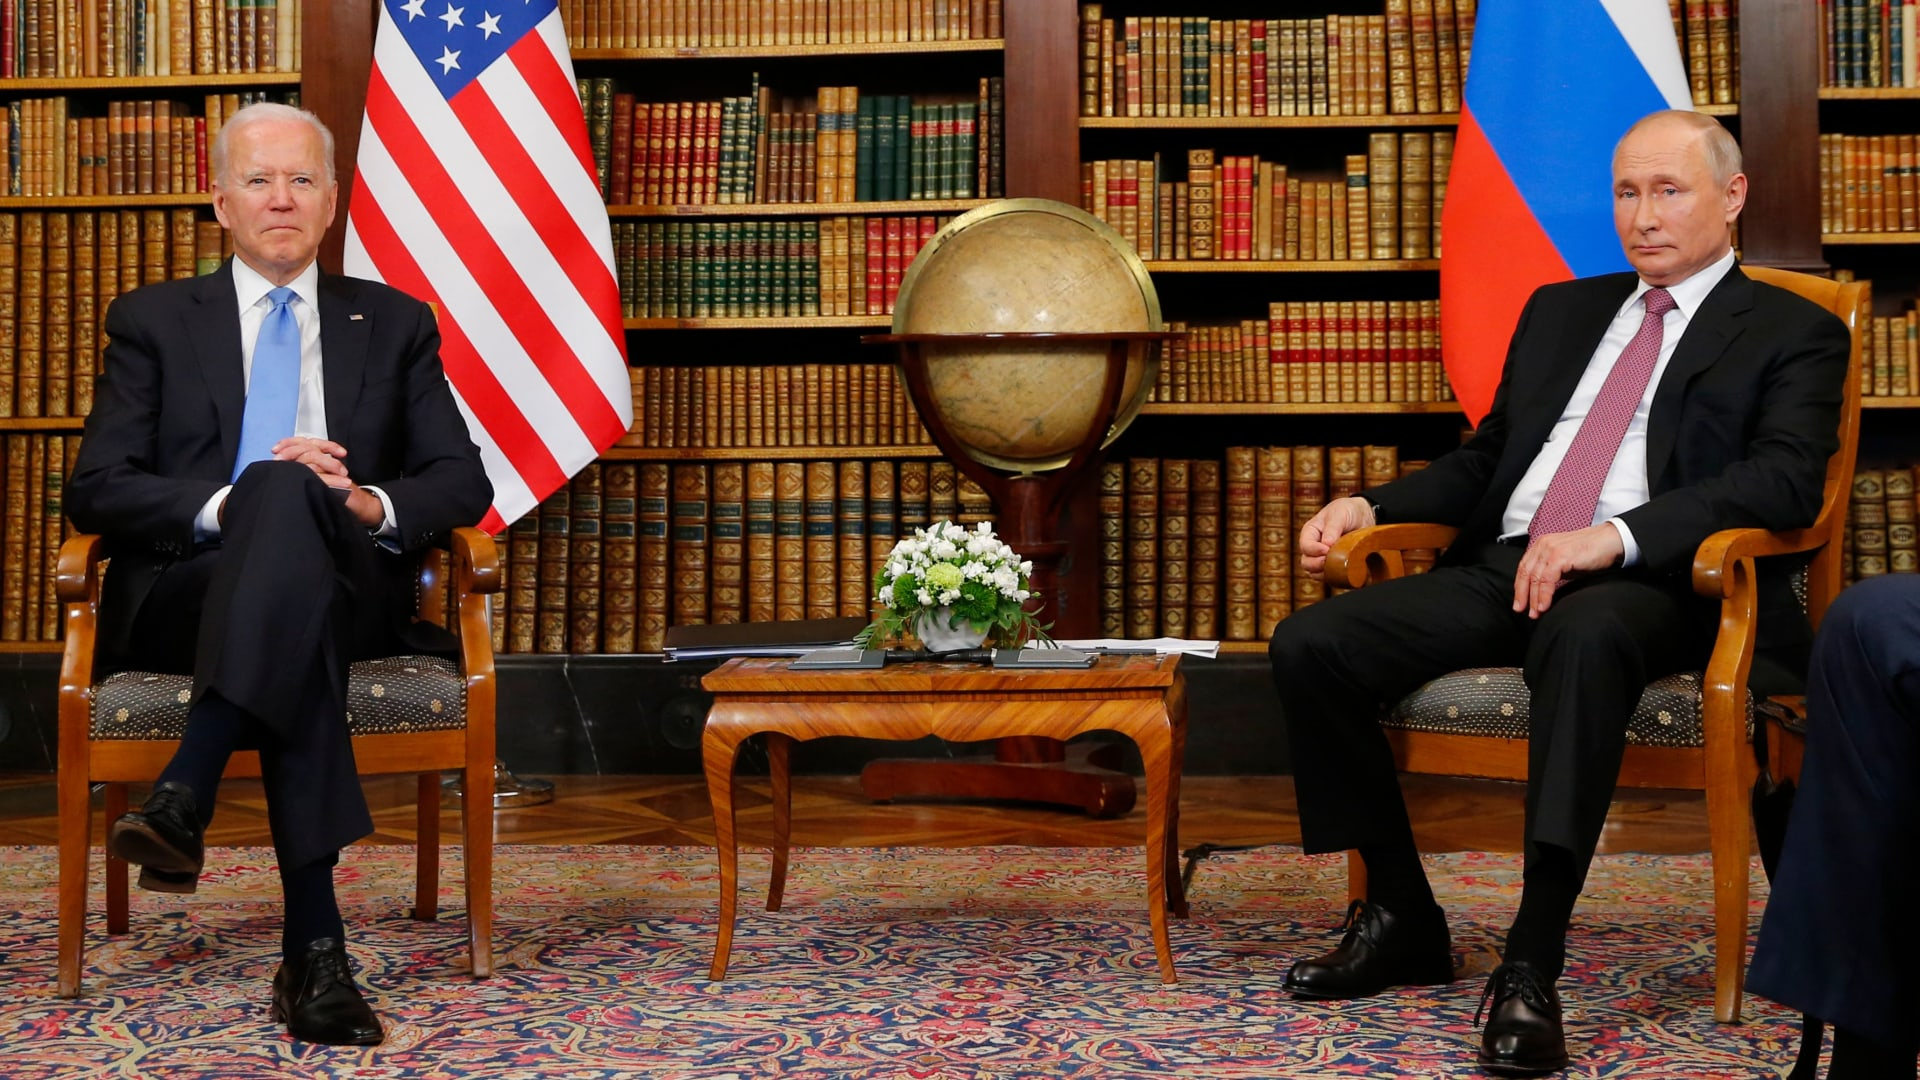 على أرض محايدة.. بايدن وبوتين يعقدان أول قمة رئاسية بينهما